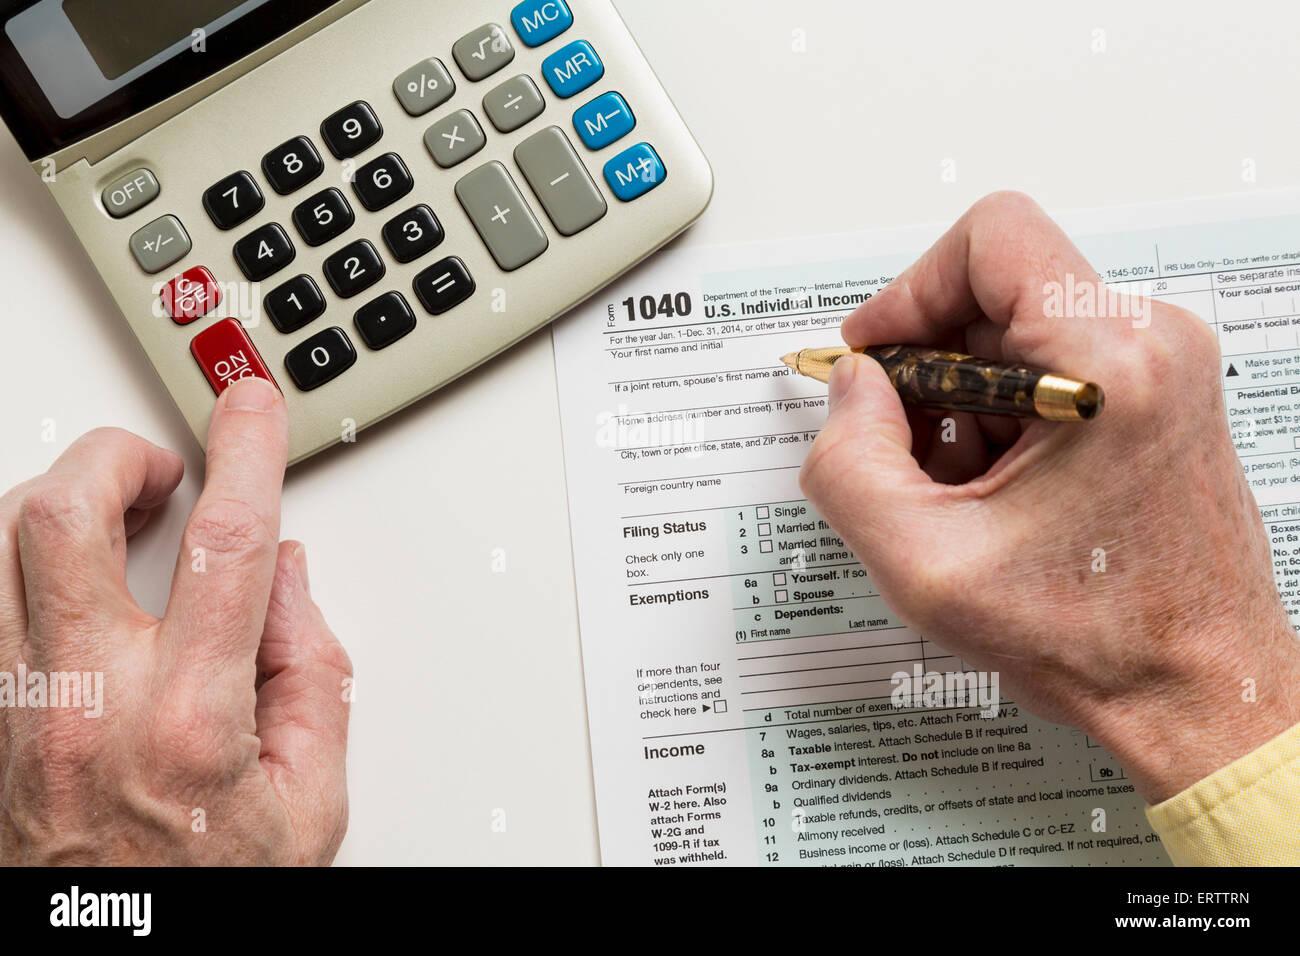 Mann ausfüllen Steuerformular USA Rückkehr 1040 mit Rechner - steuern-Konzept Stockbild